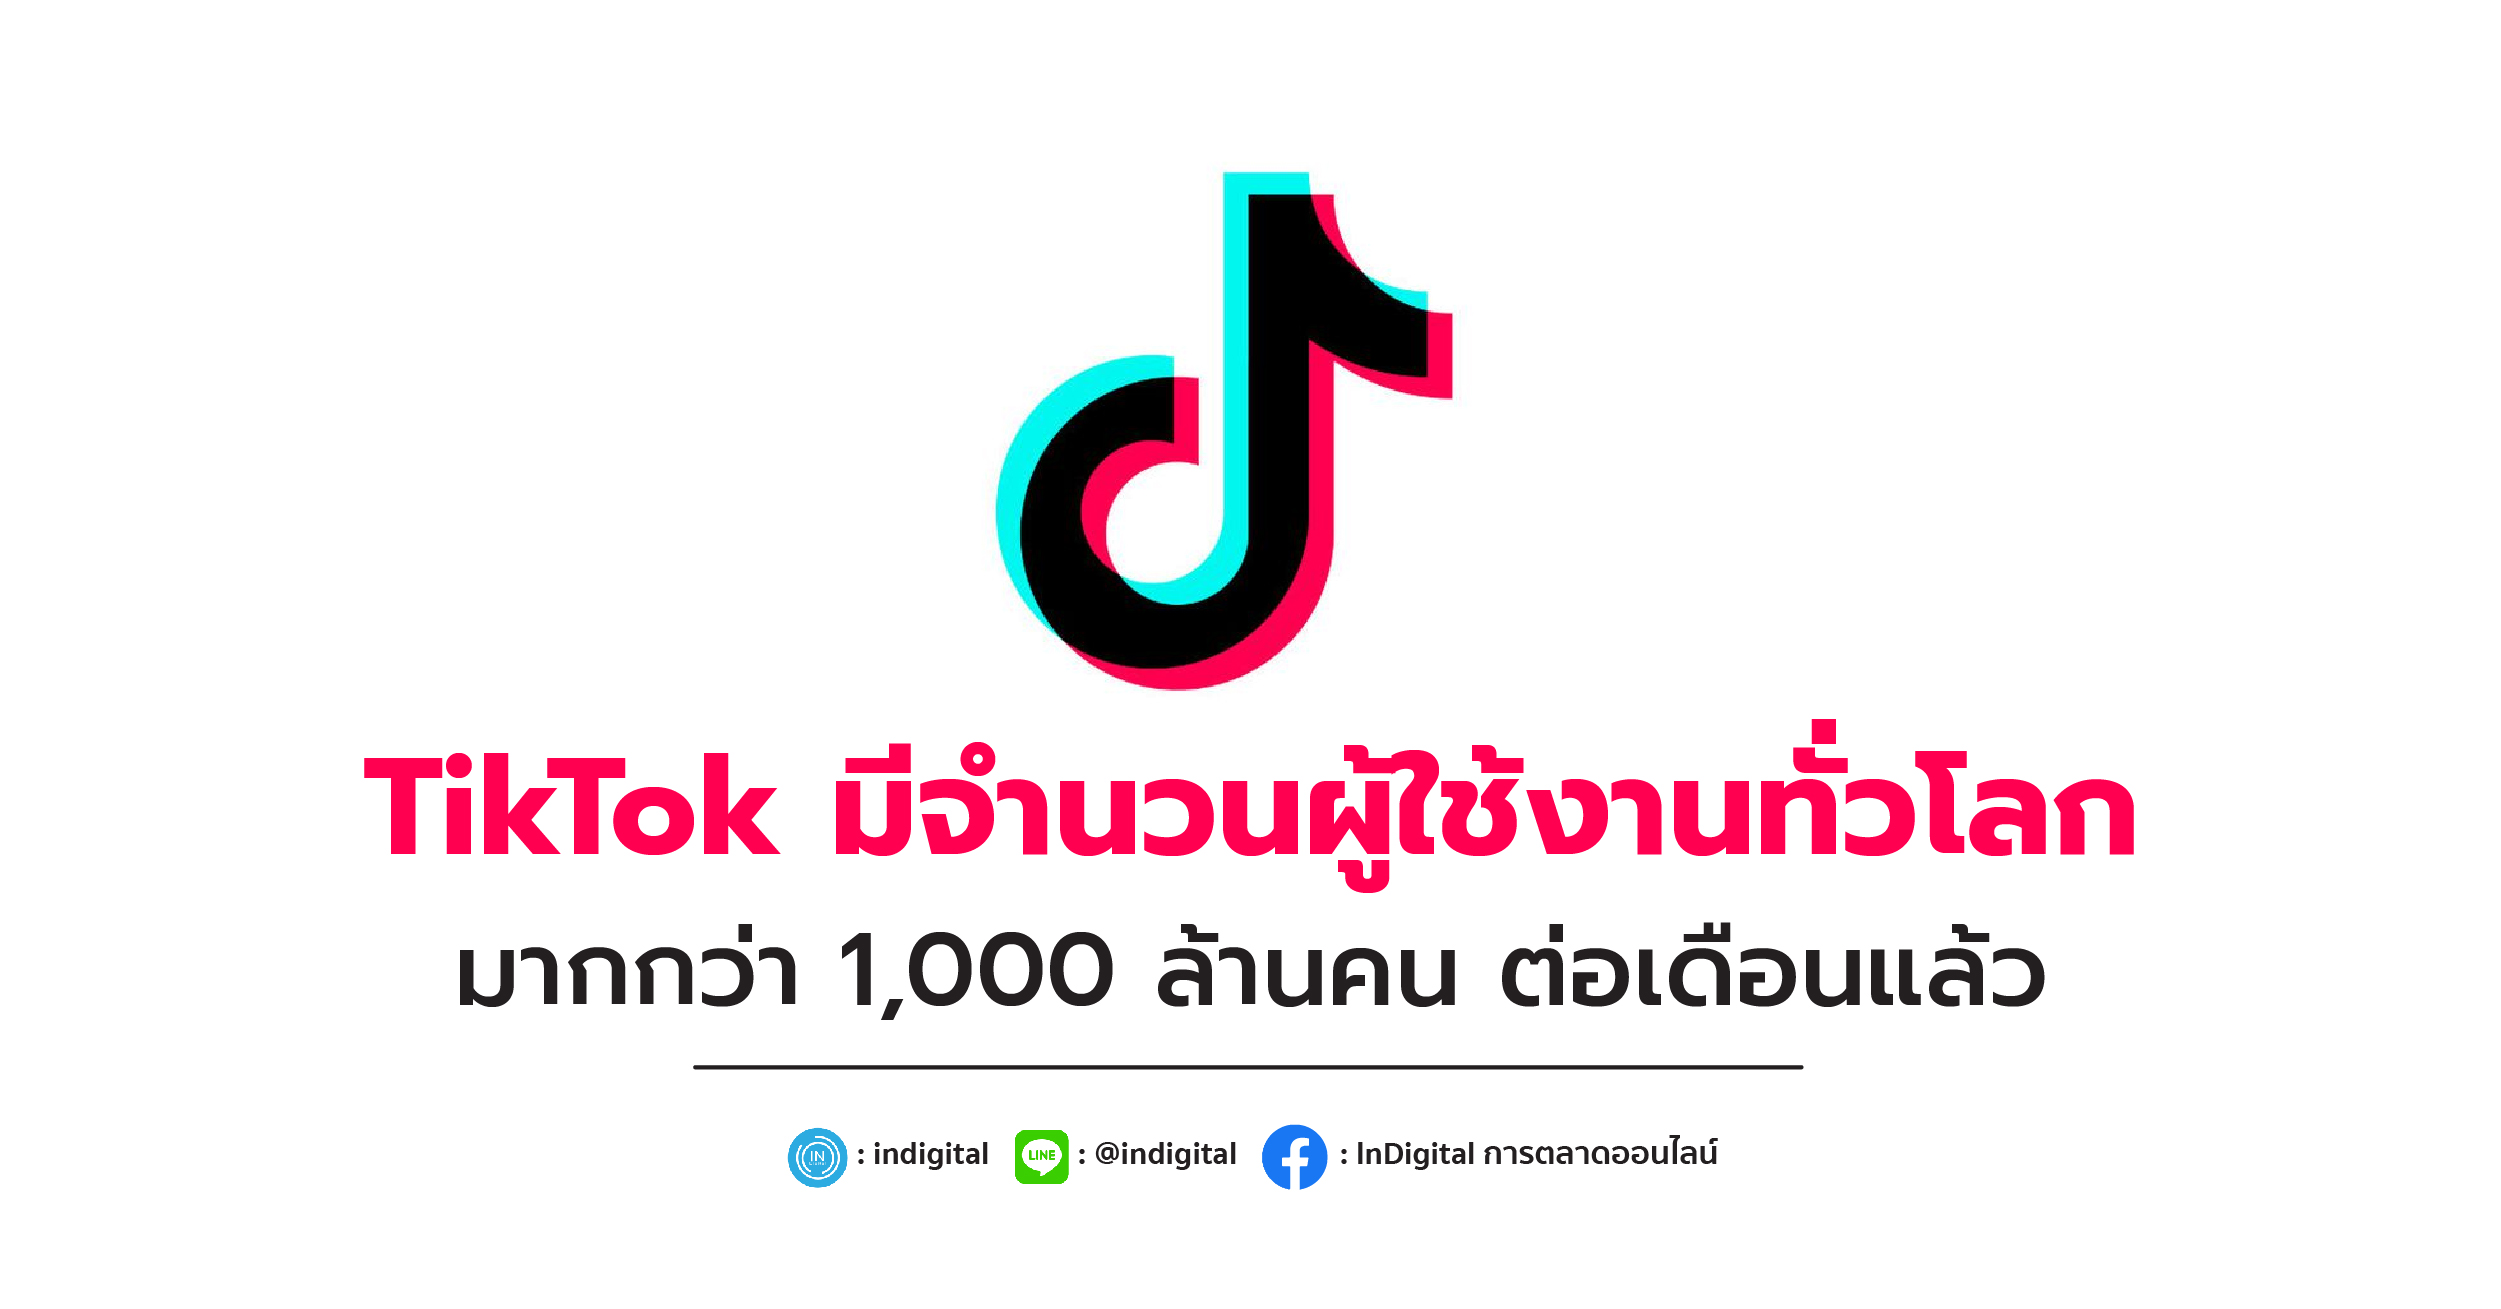 TikTok มีจำนวนผู้ใช้งานทั่วโลกมากกว่า 1,000 ล้านคน ต่อเดือนแล้ว